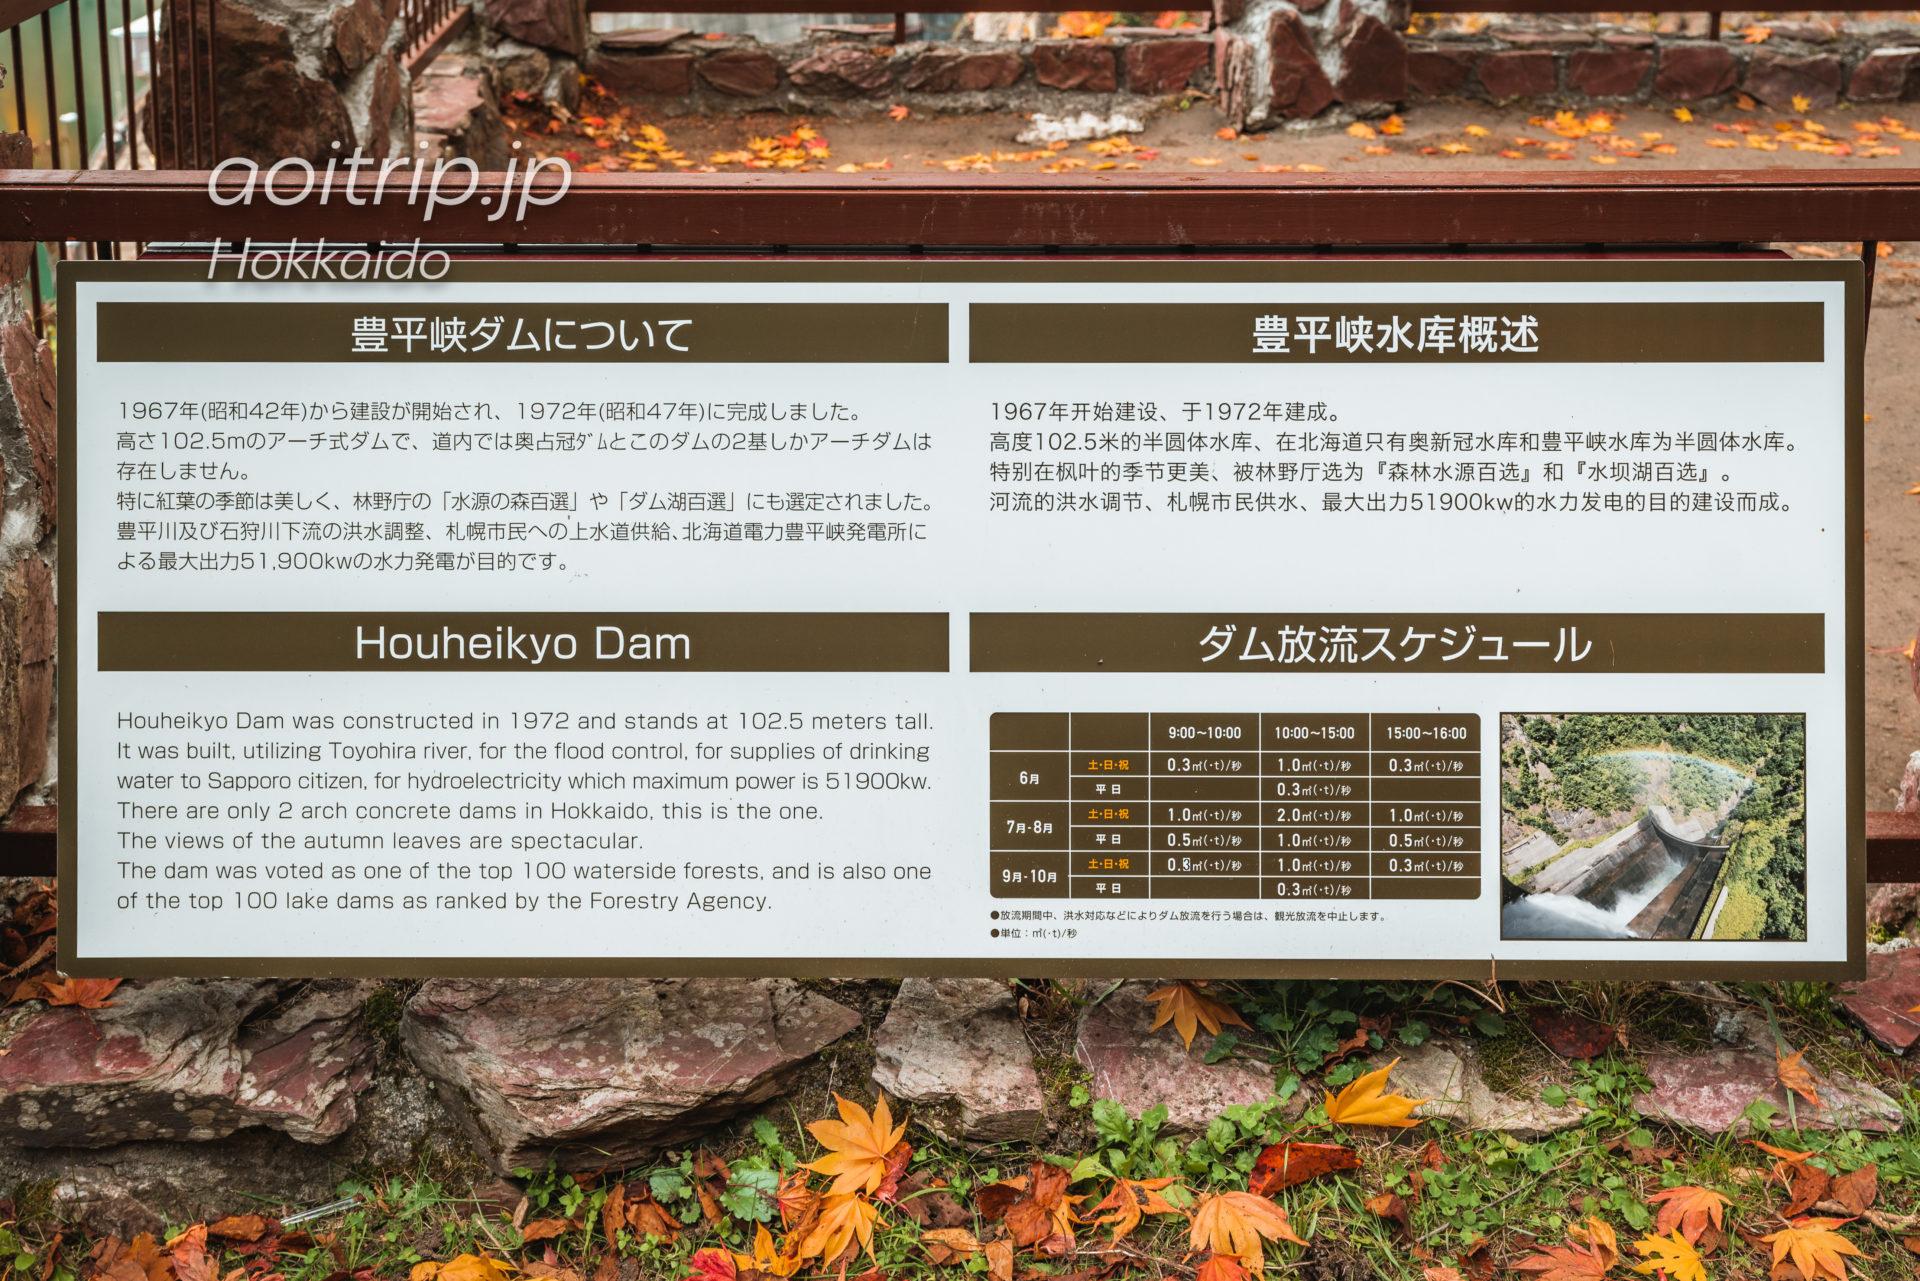 豊平峡ダム Hoheikyo Dam